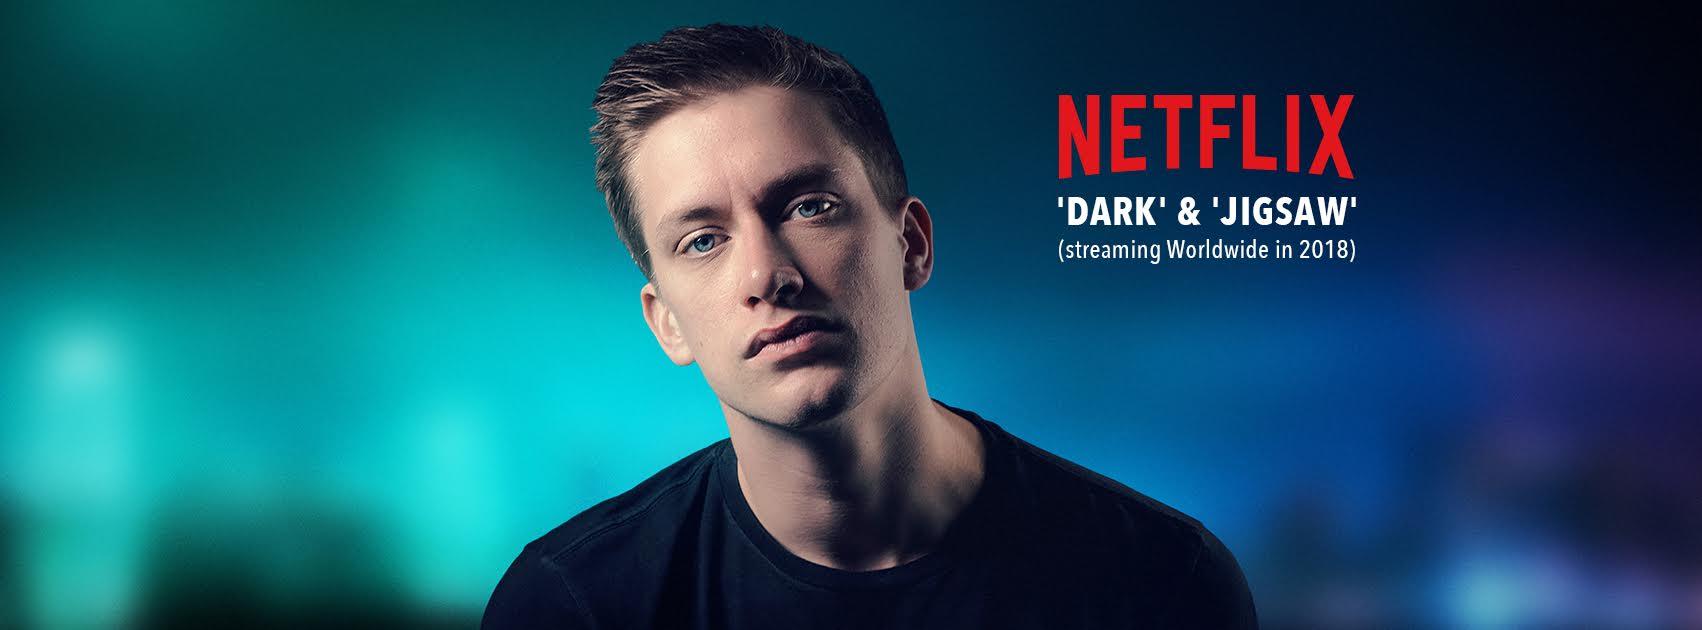 Daniel Sloss Stand up Netflix